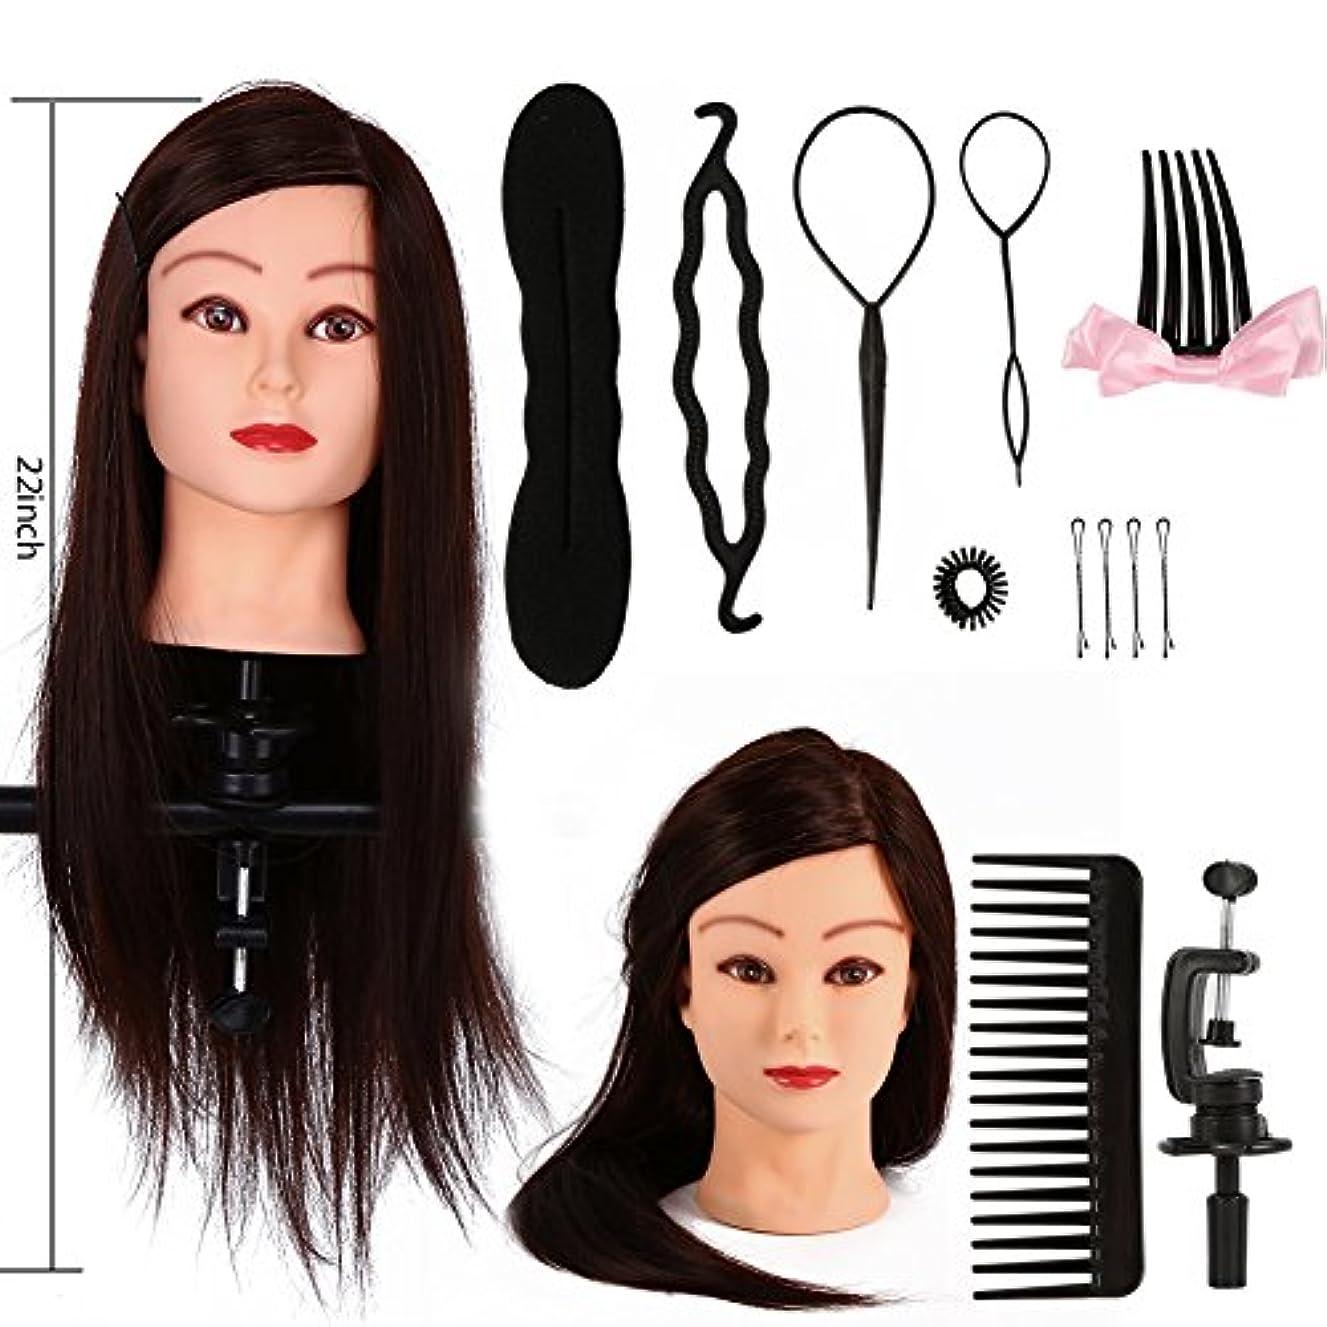 氏飲料ノベルティマネキンヘッド、美容院トレーニング実践ヘッドマネキンロング理髪+ブレードセットツール(1#)